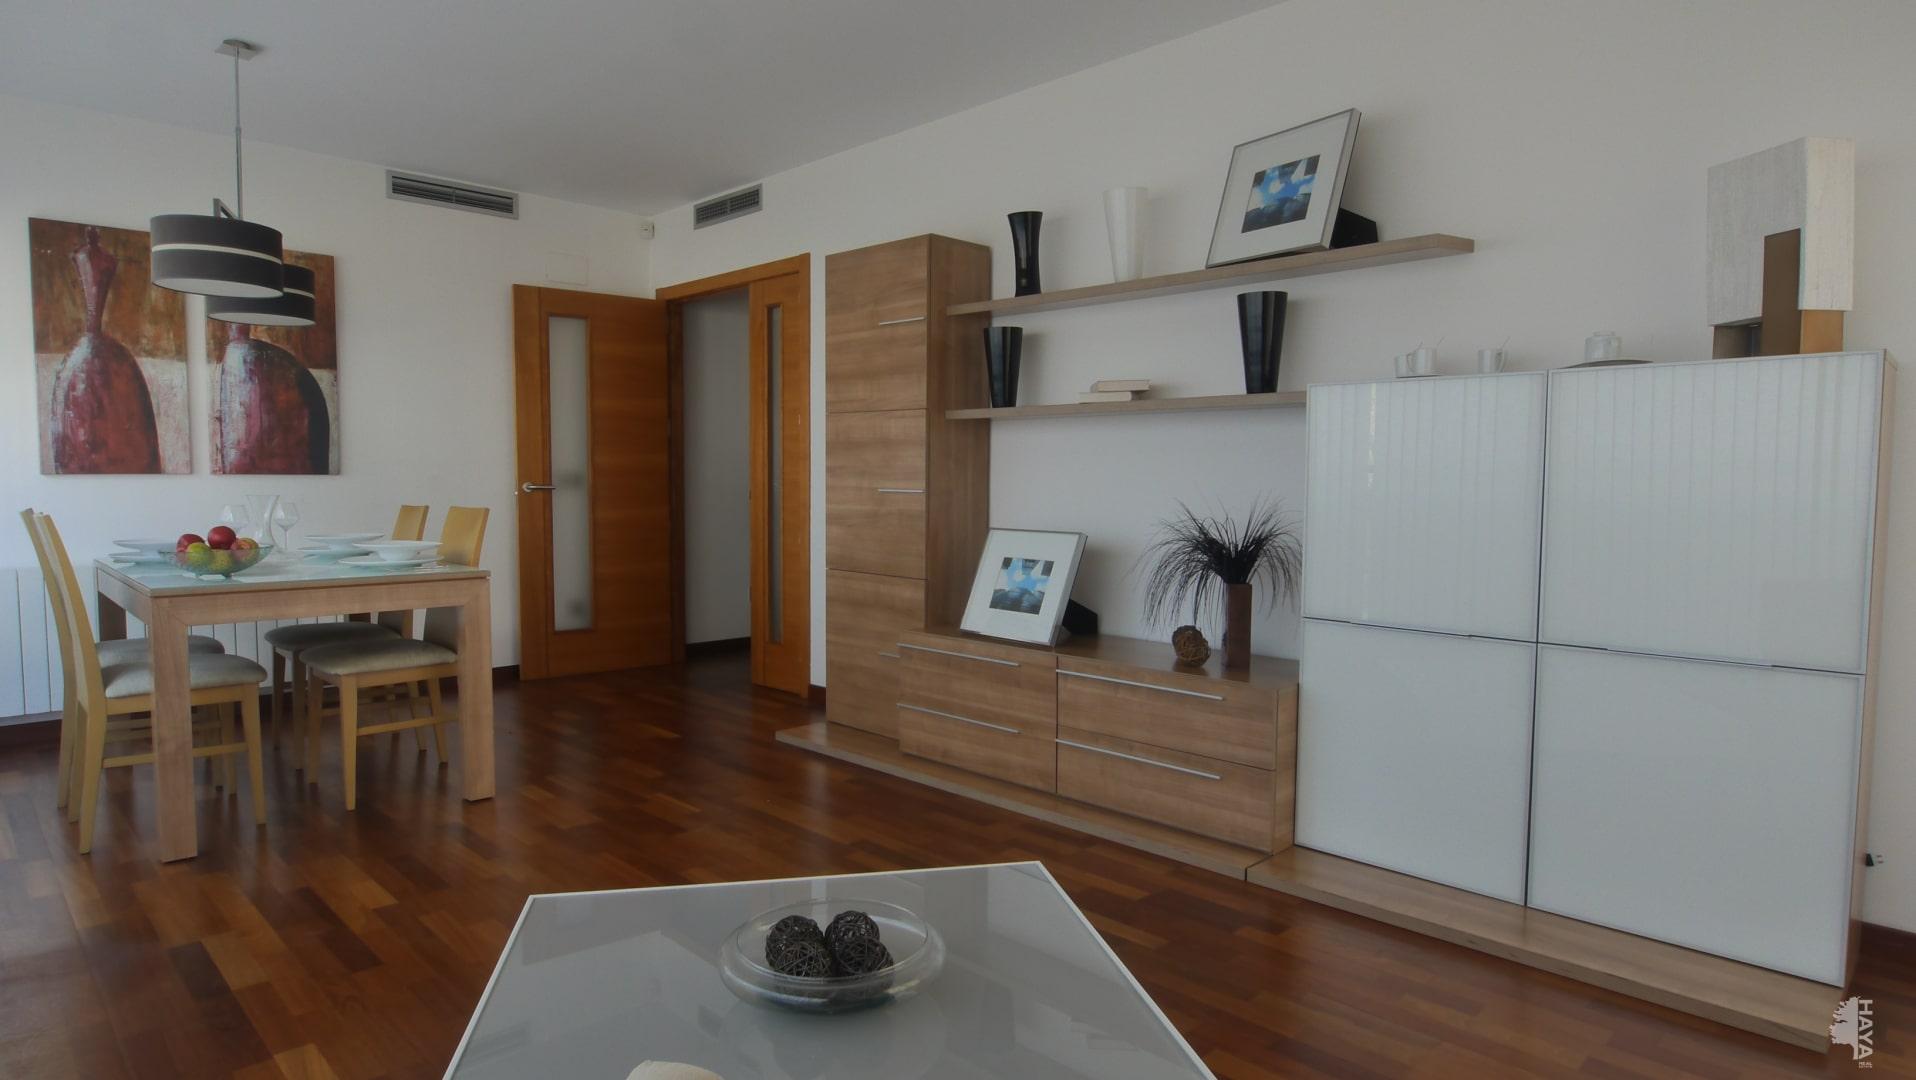 Piso en venta en Castellón de la Plana/castelló de la Plana, Castellón, Avenida Villarreal, 107.000 €, 1 habitación, 1 baño, 57 m2